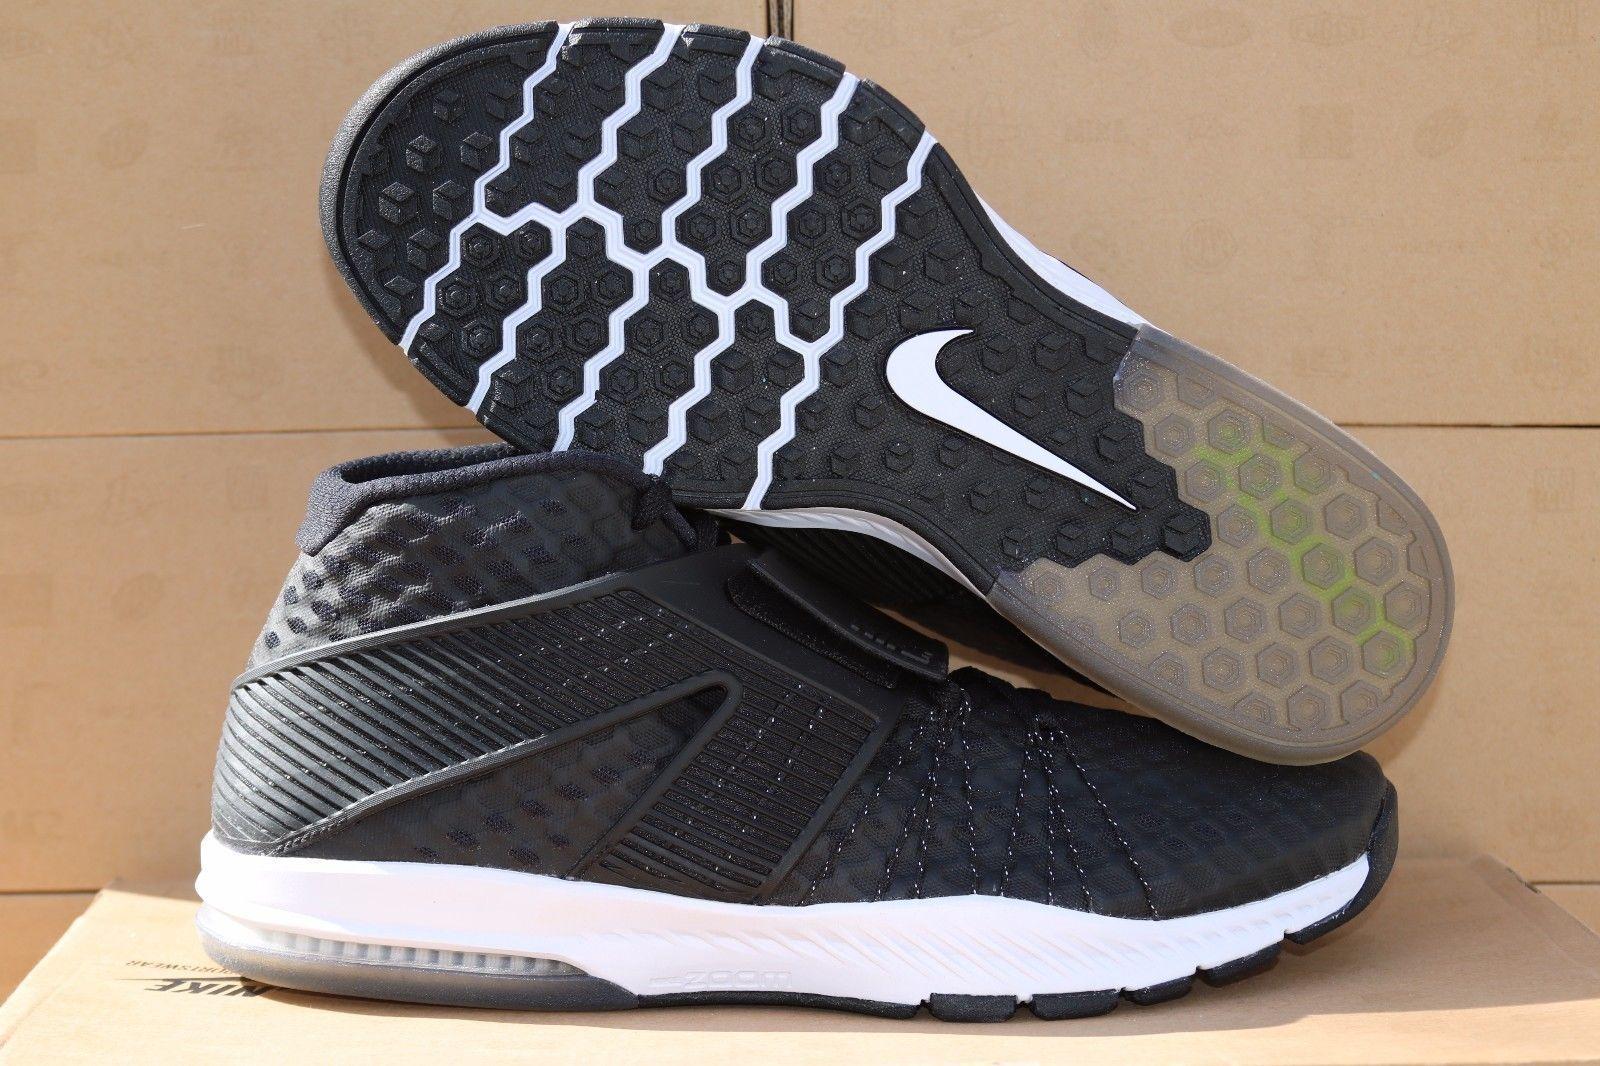 140 Para Nike Zoom tren Toranada Para 140 Hombres Zapatos De Entrenamiento Negro/Blanco 6b55b9